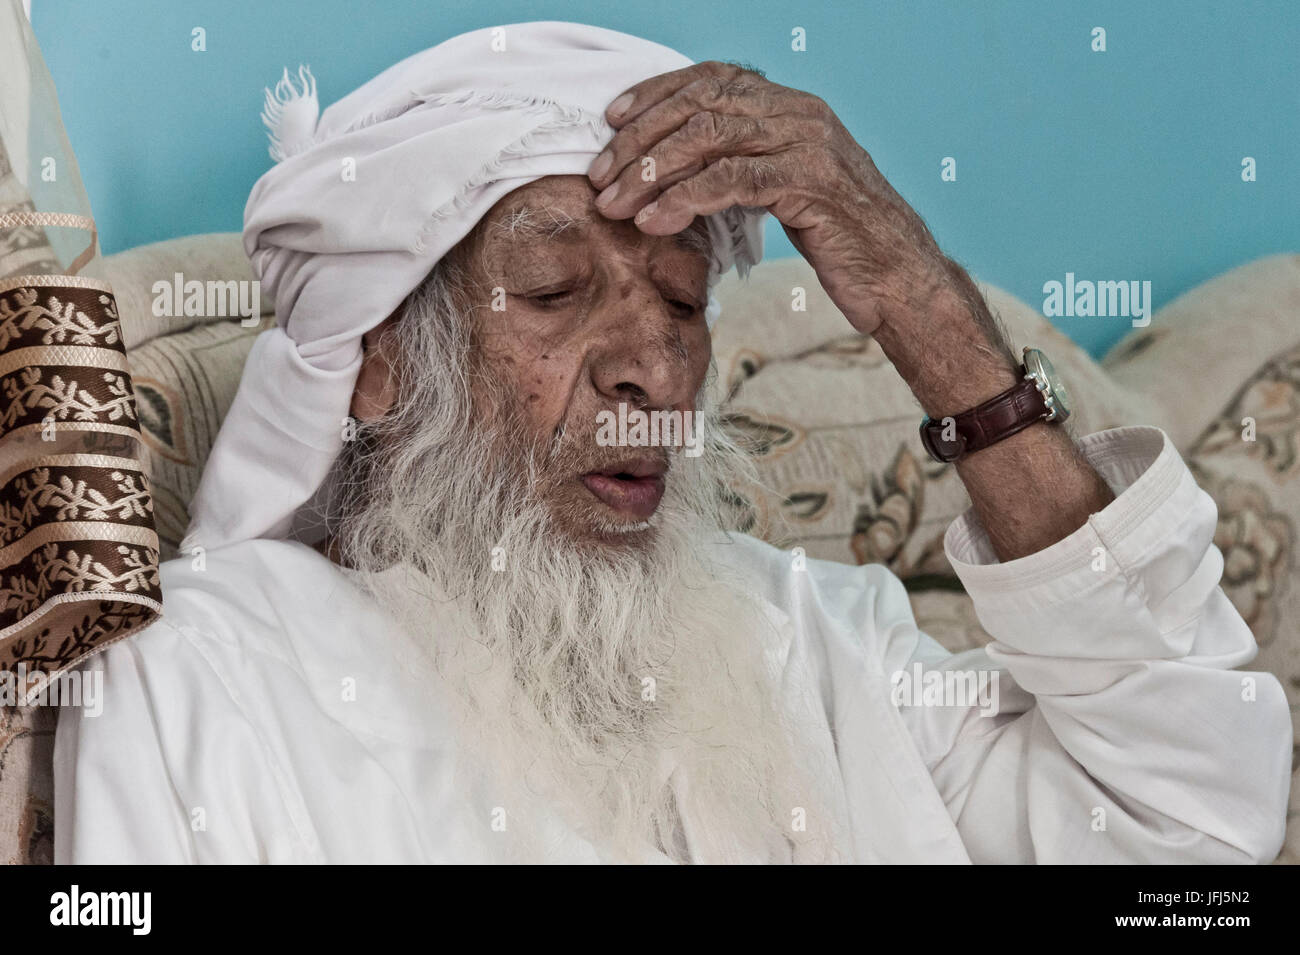 Saudita, Península Arábiga, Sultanato de Omán, meseta Saiq, Jebel Akhdar, Sayq omaní, la más Imagen De Stock